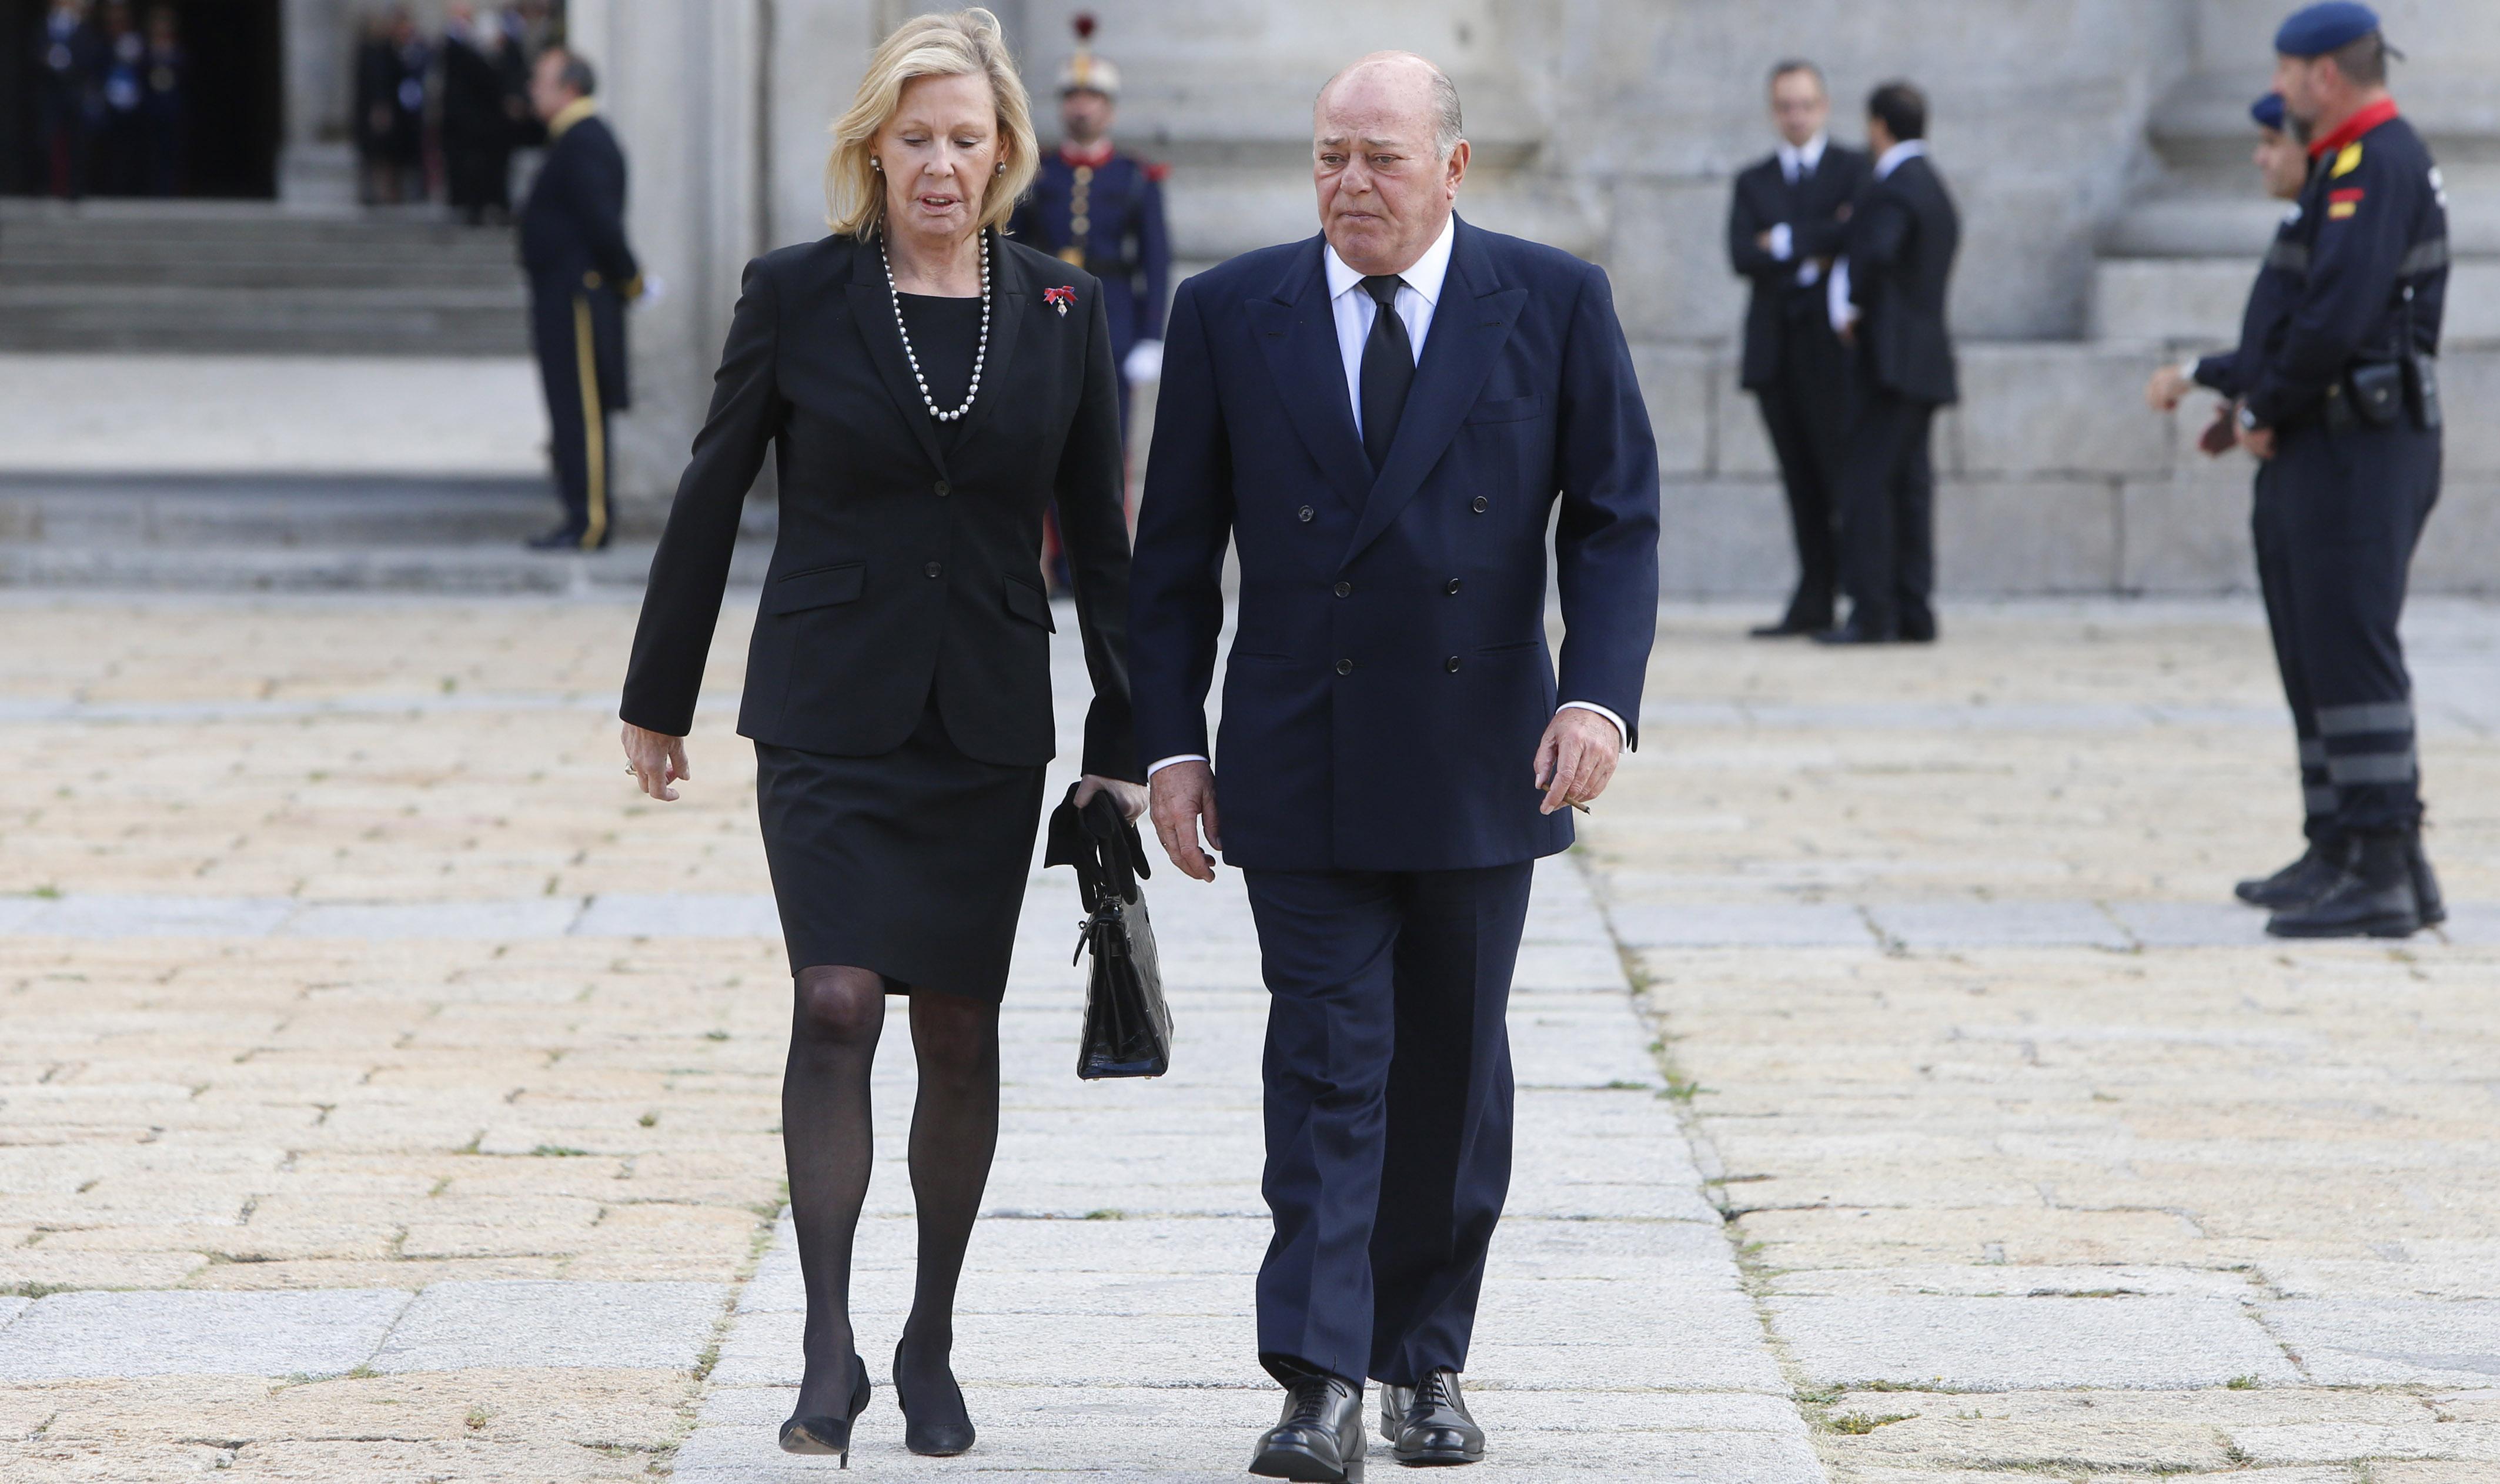 Juan Abelló y su mujer Ana Gamazo en el entierro del infante Carlos de Borbón Dos Siclias en El Escorial